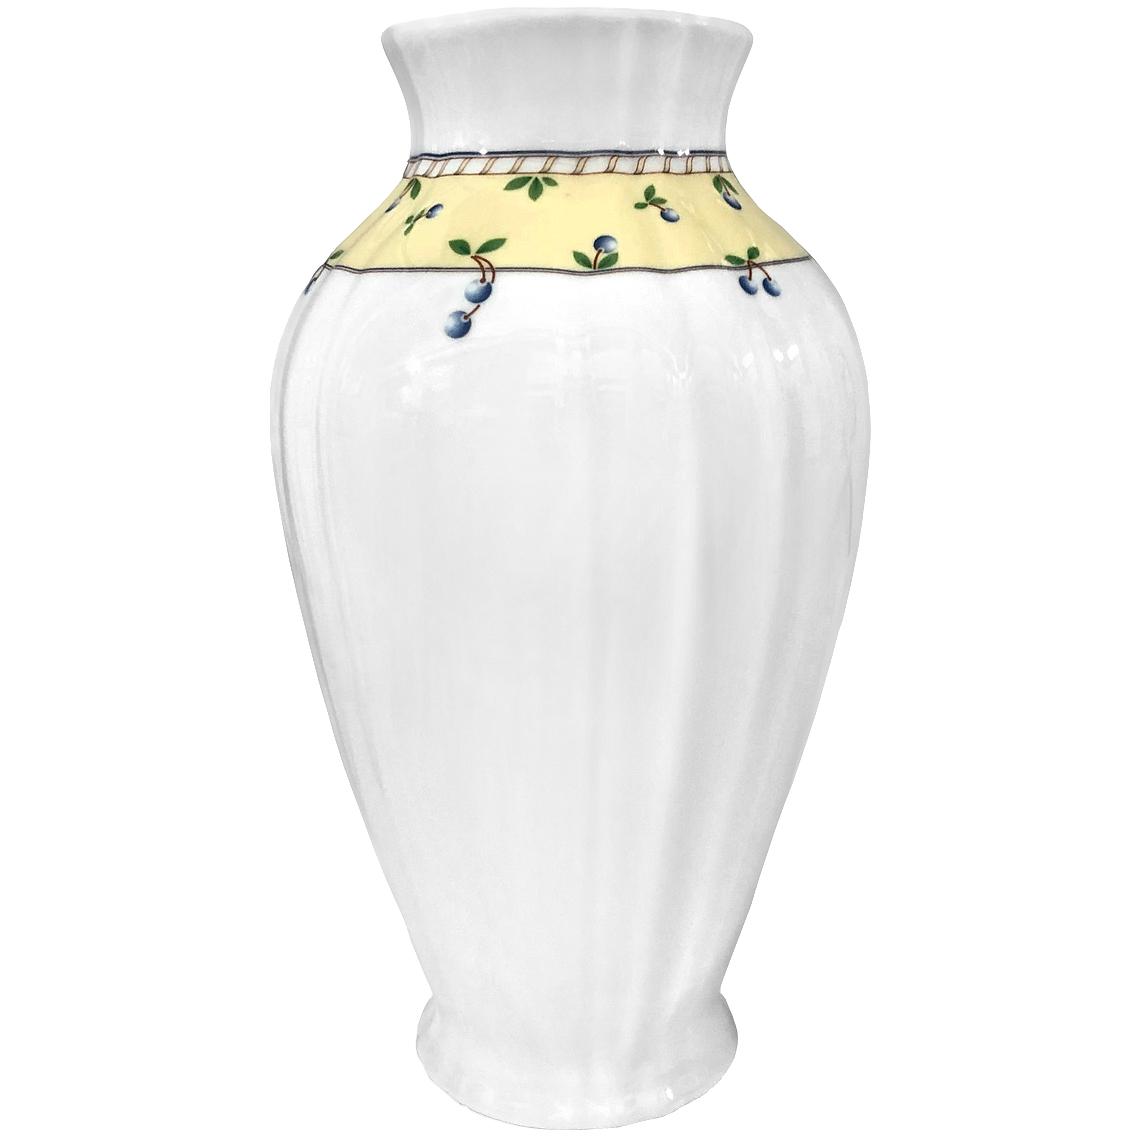 ваза thun ваза Ваза Thun Мелкие ягоды на бледно-желтом фоне 29,5 см